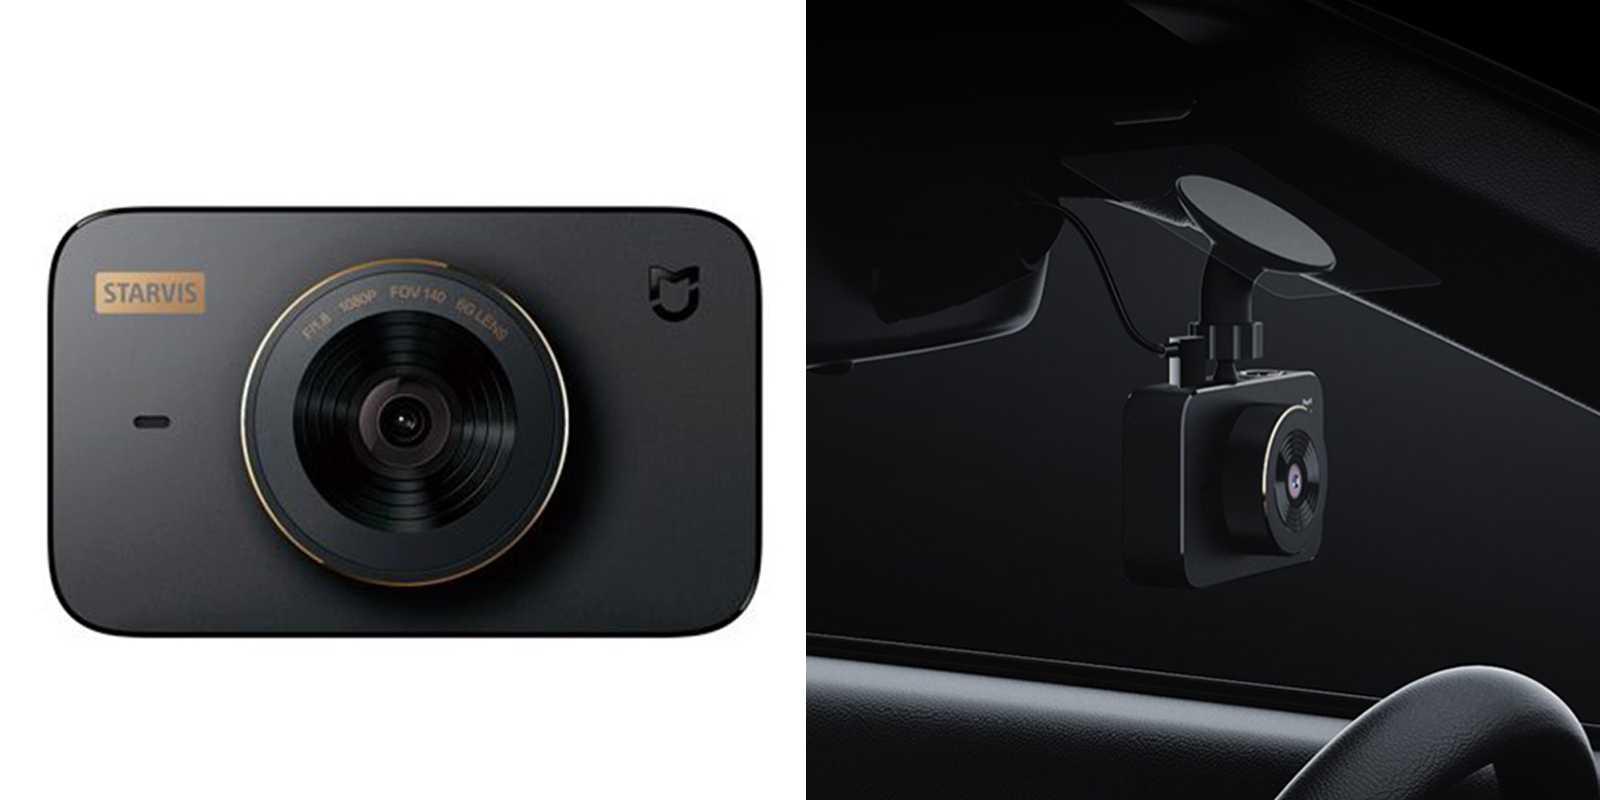 Лучшие видеорегистраторы xiaomi - топ 10 моделей 2020-2021 года